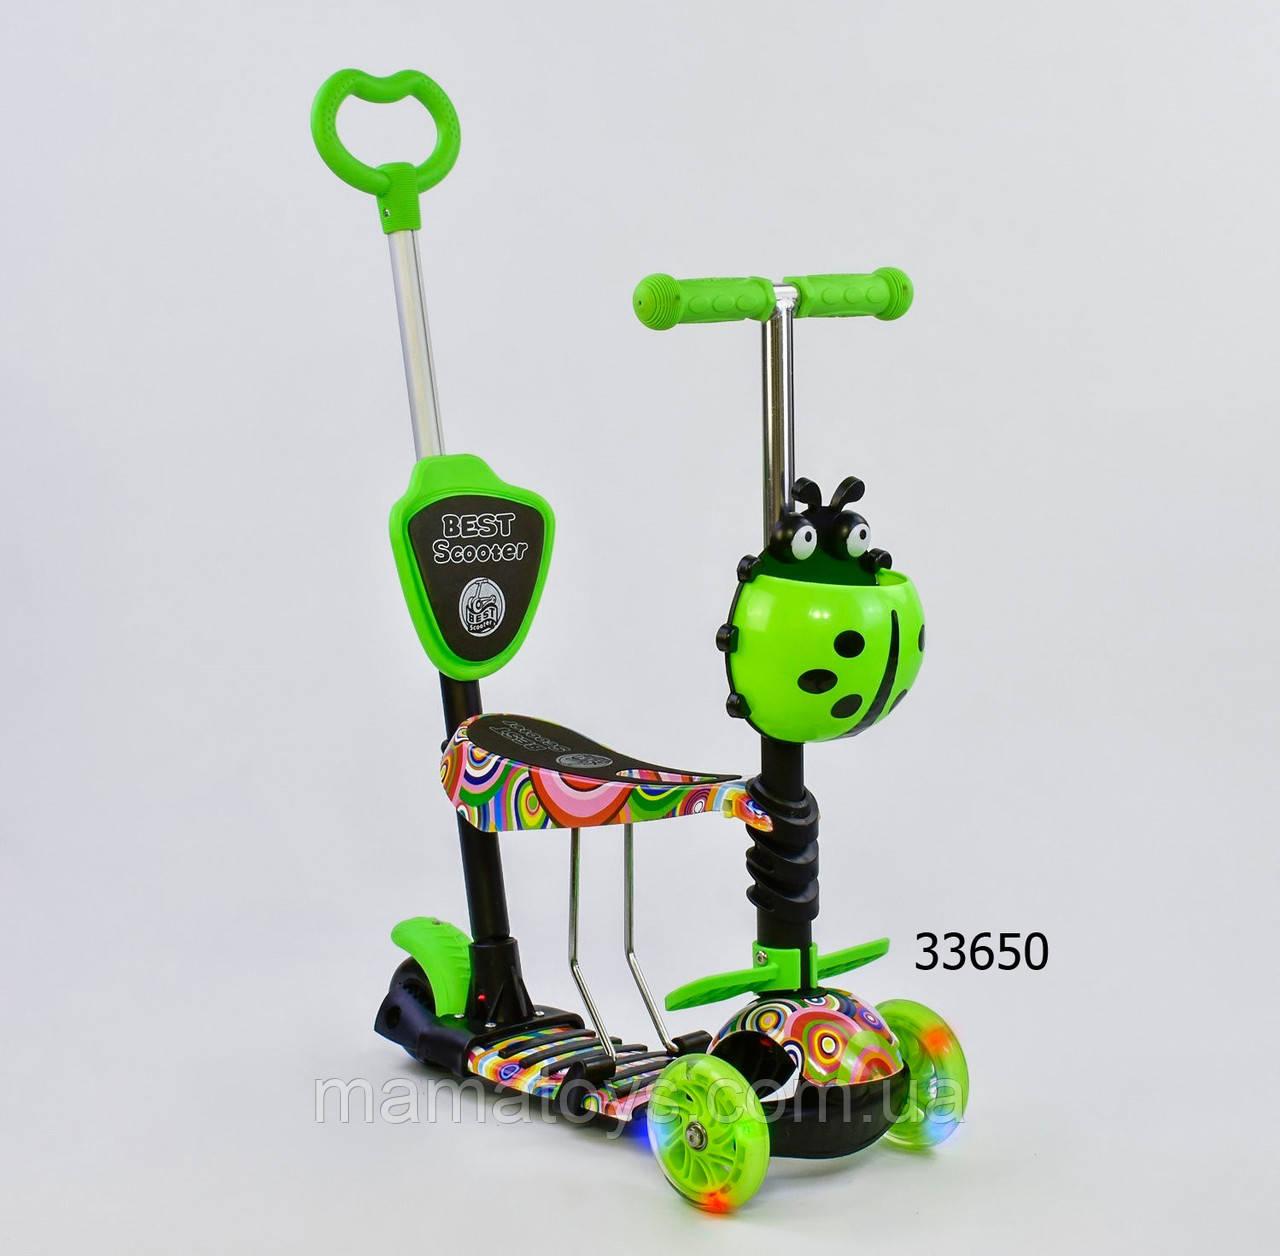 Детский Самокат беговел Best Scooter 33650 Зеленый 5 в 1 толокар Родительская ручка, Абстракция Свет колес